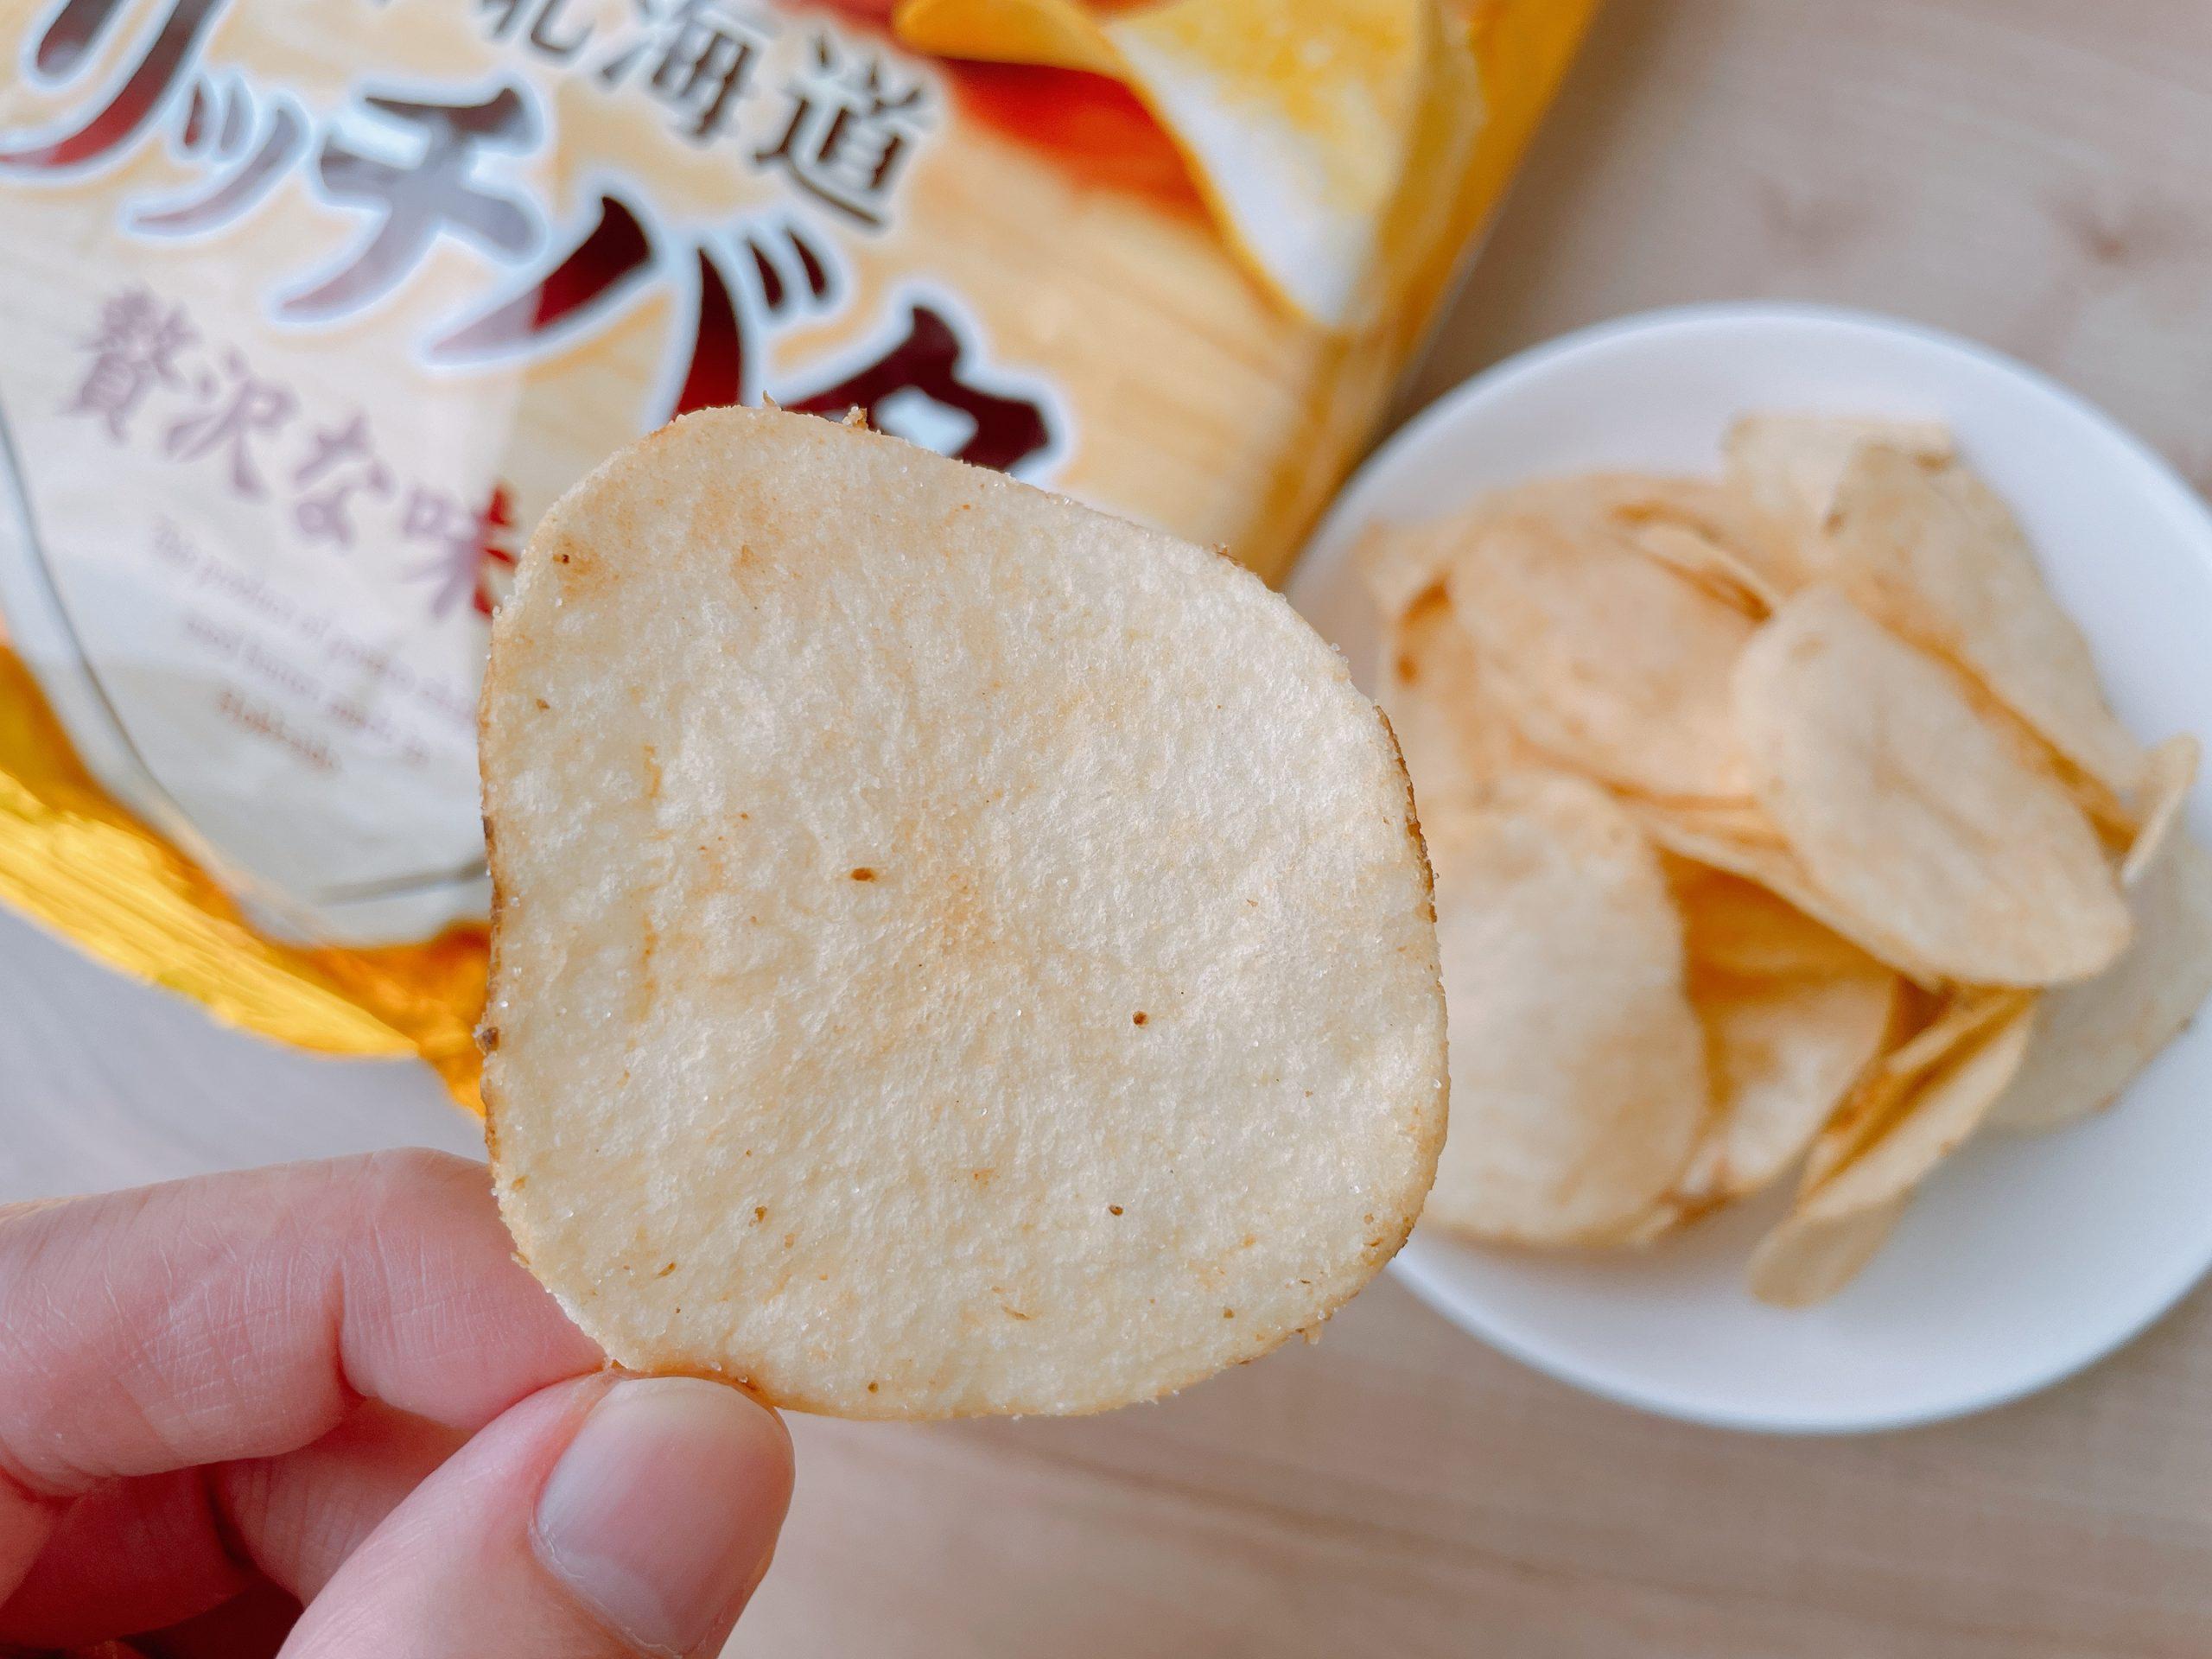 ポテトチップス<北海道リッチバター味>クリーミーな感じでも辛みも少しある